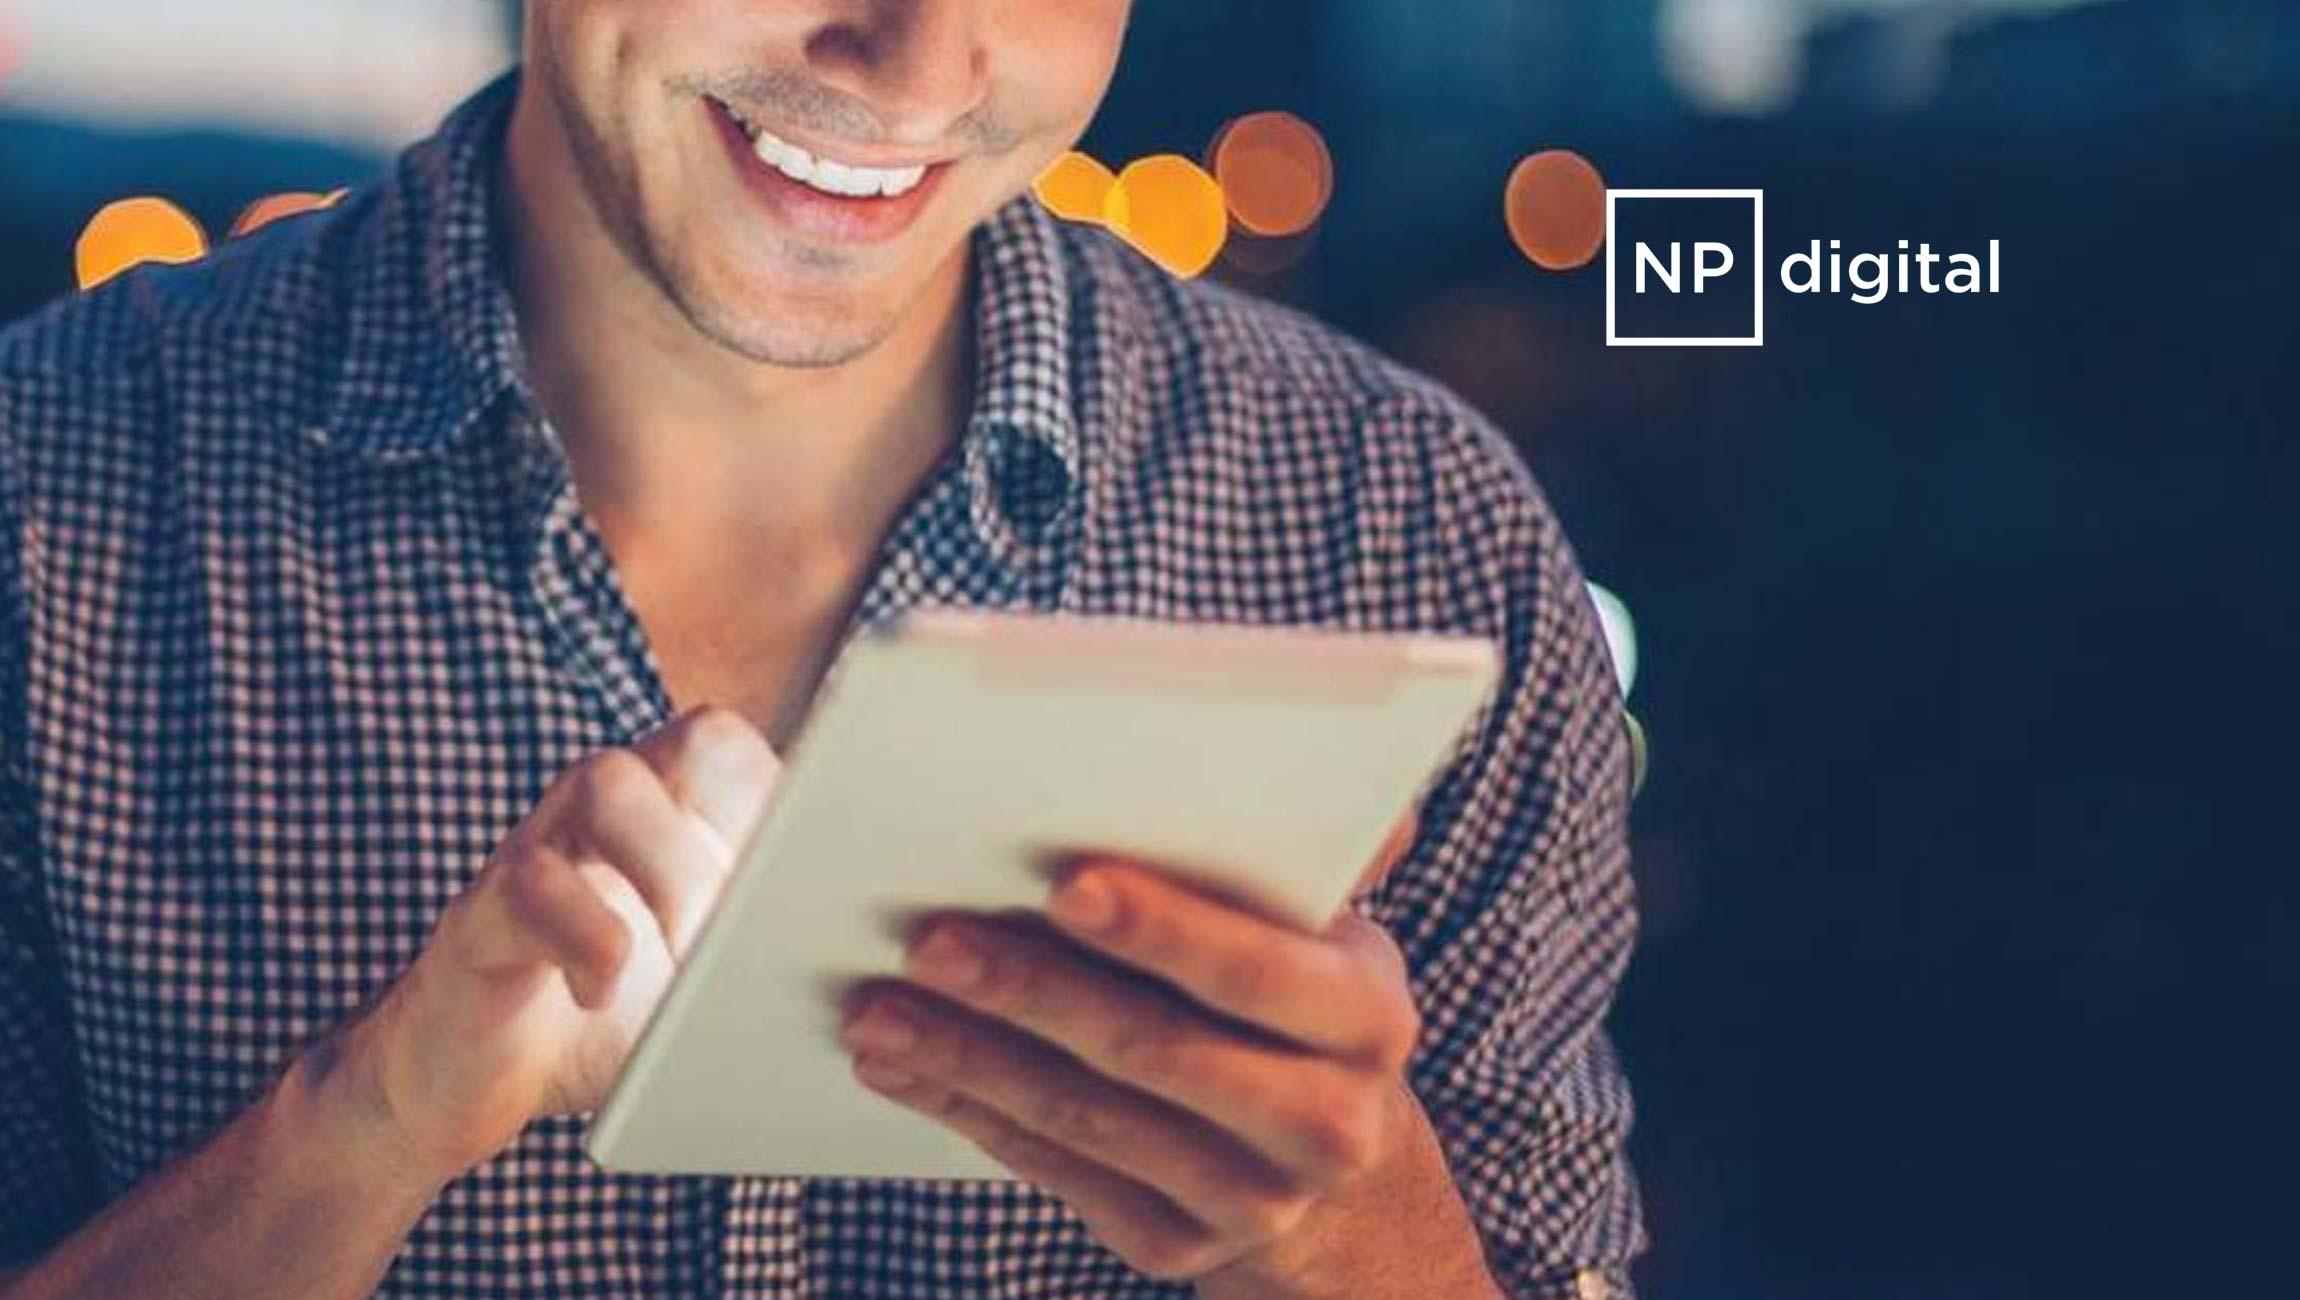 NP Digital Announces New CCO Matt Kropp